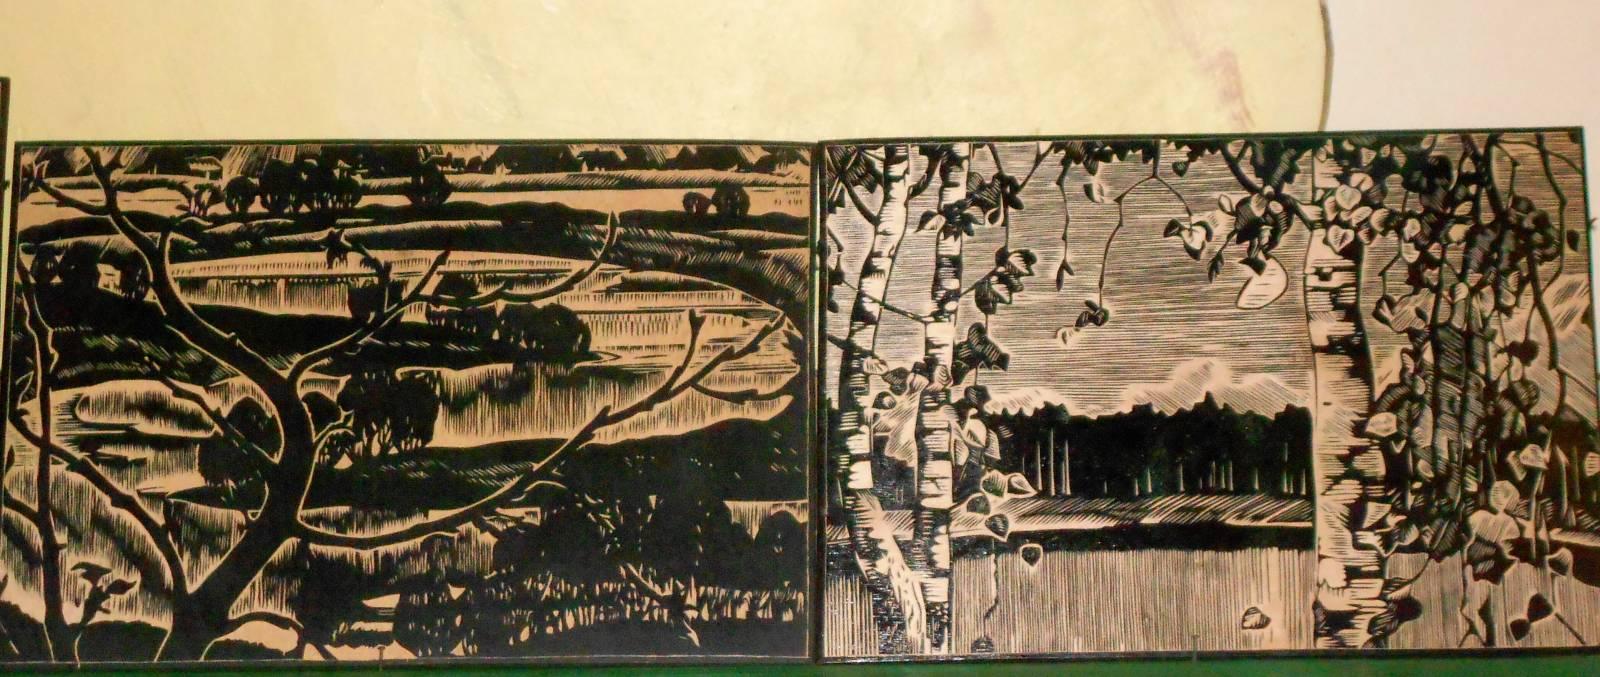 Гравюра на дереве в виде виньеток и других рисунков